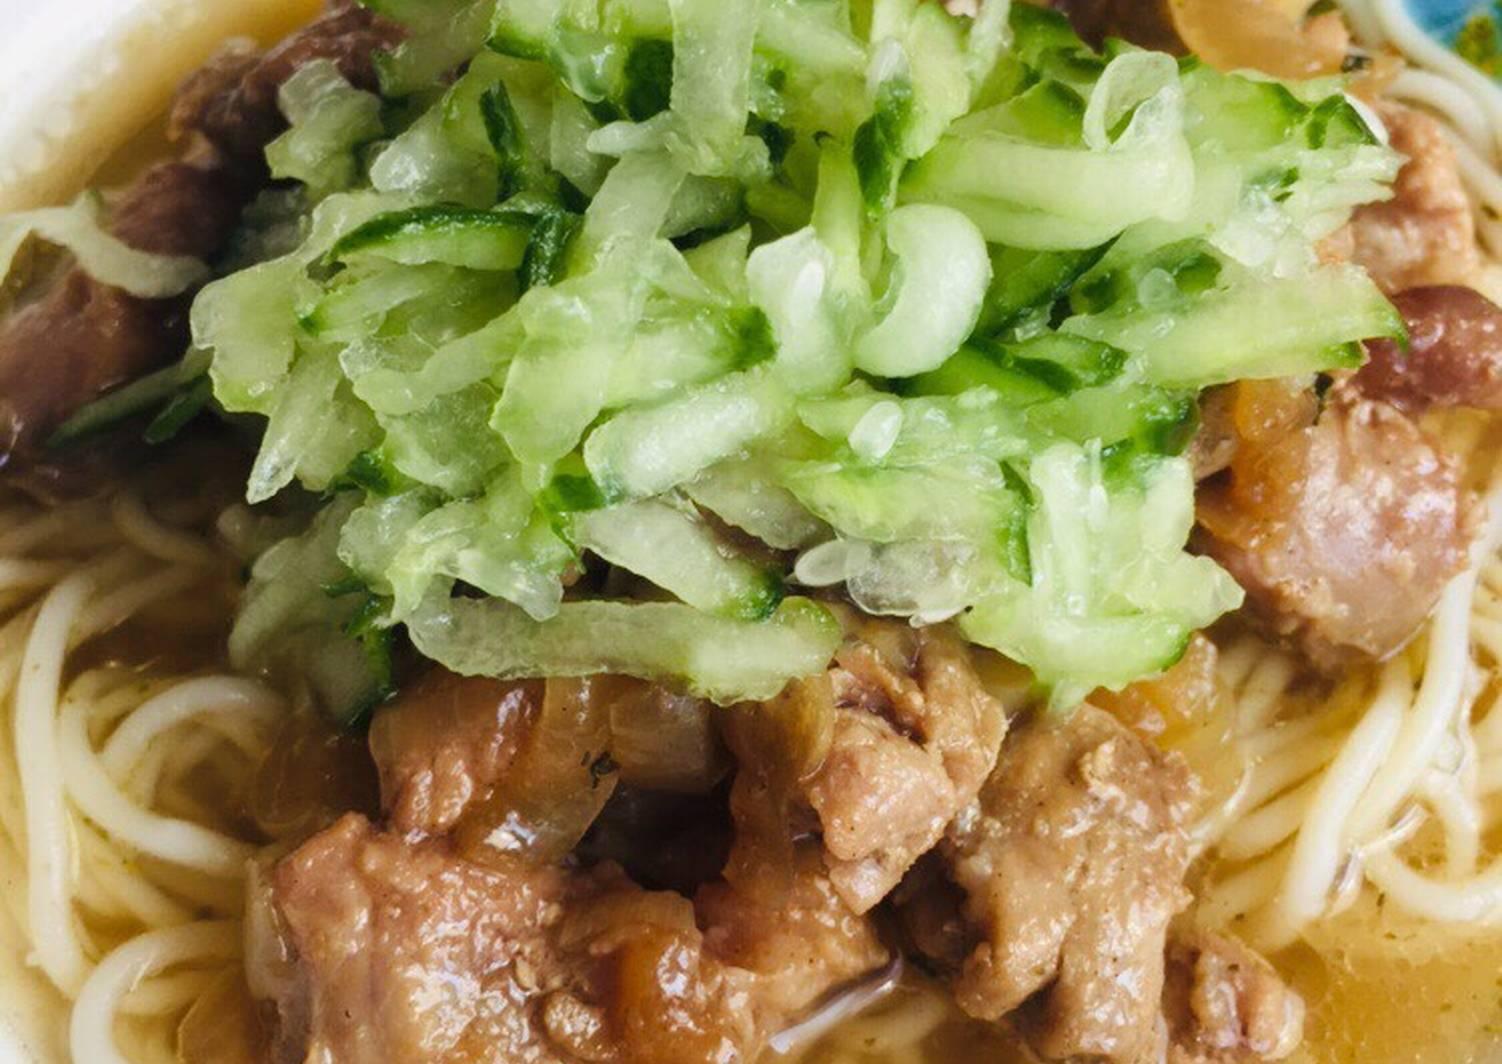 чесночно-сливочном соусе как делать кукси по корейски рецепт с фото многом